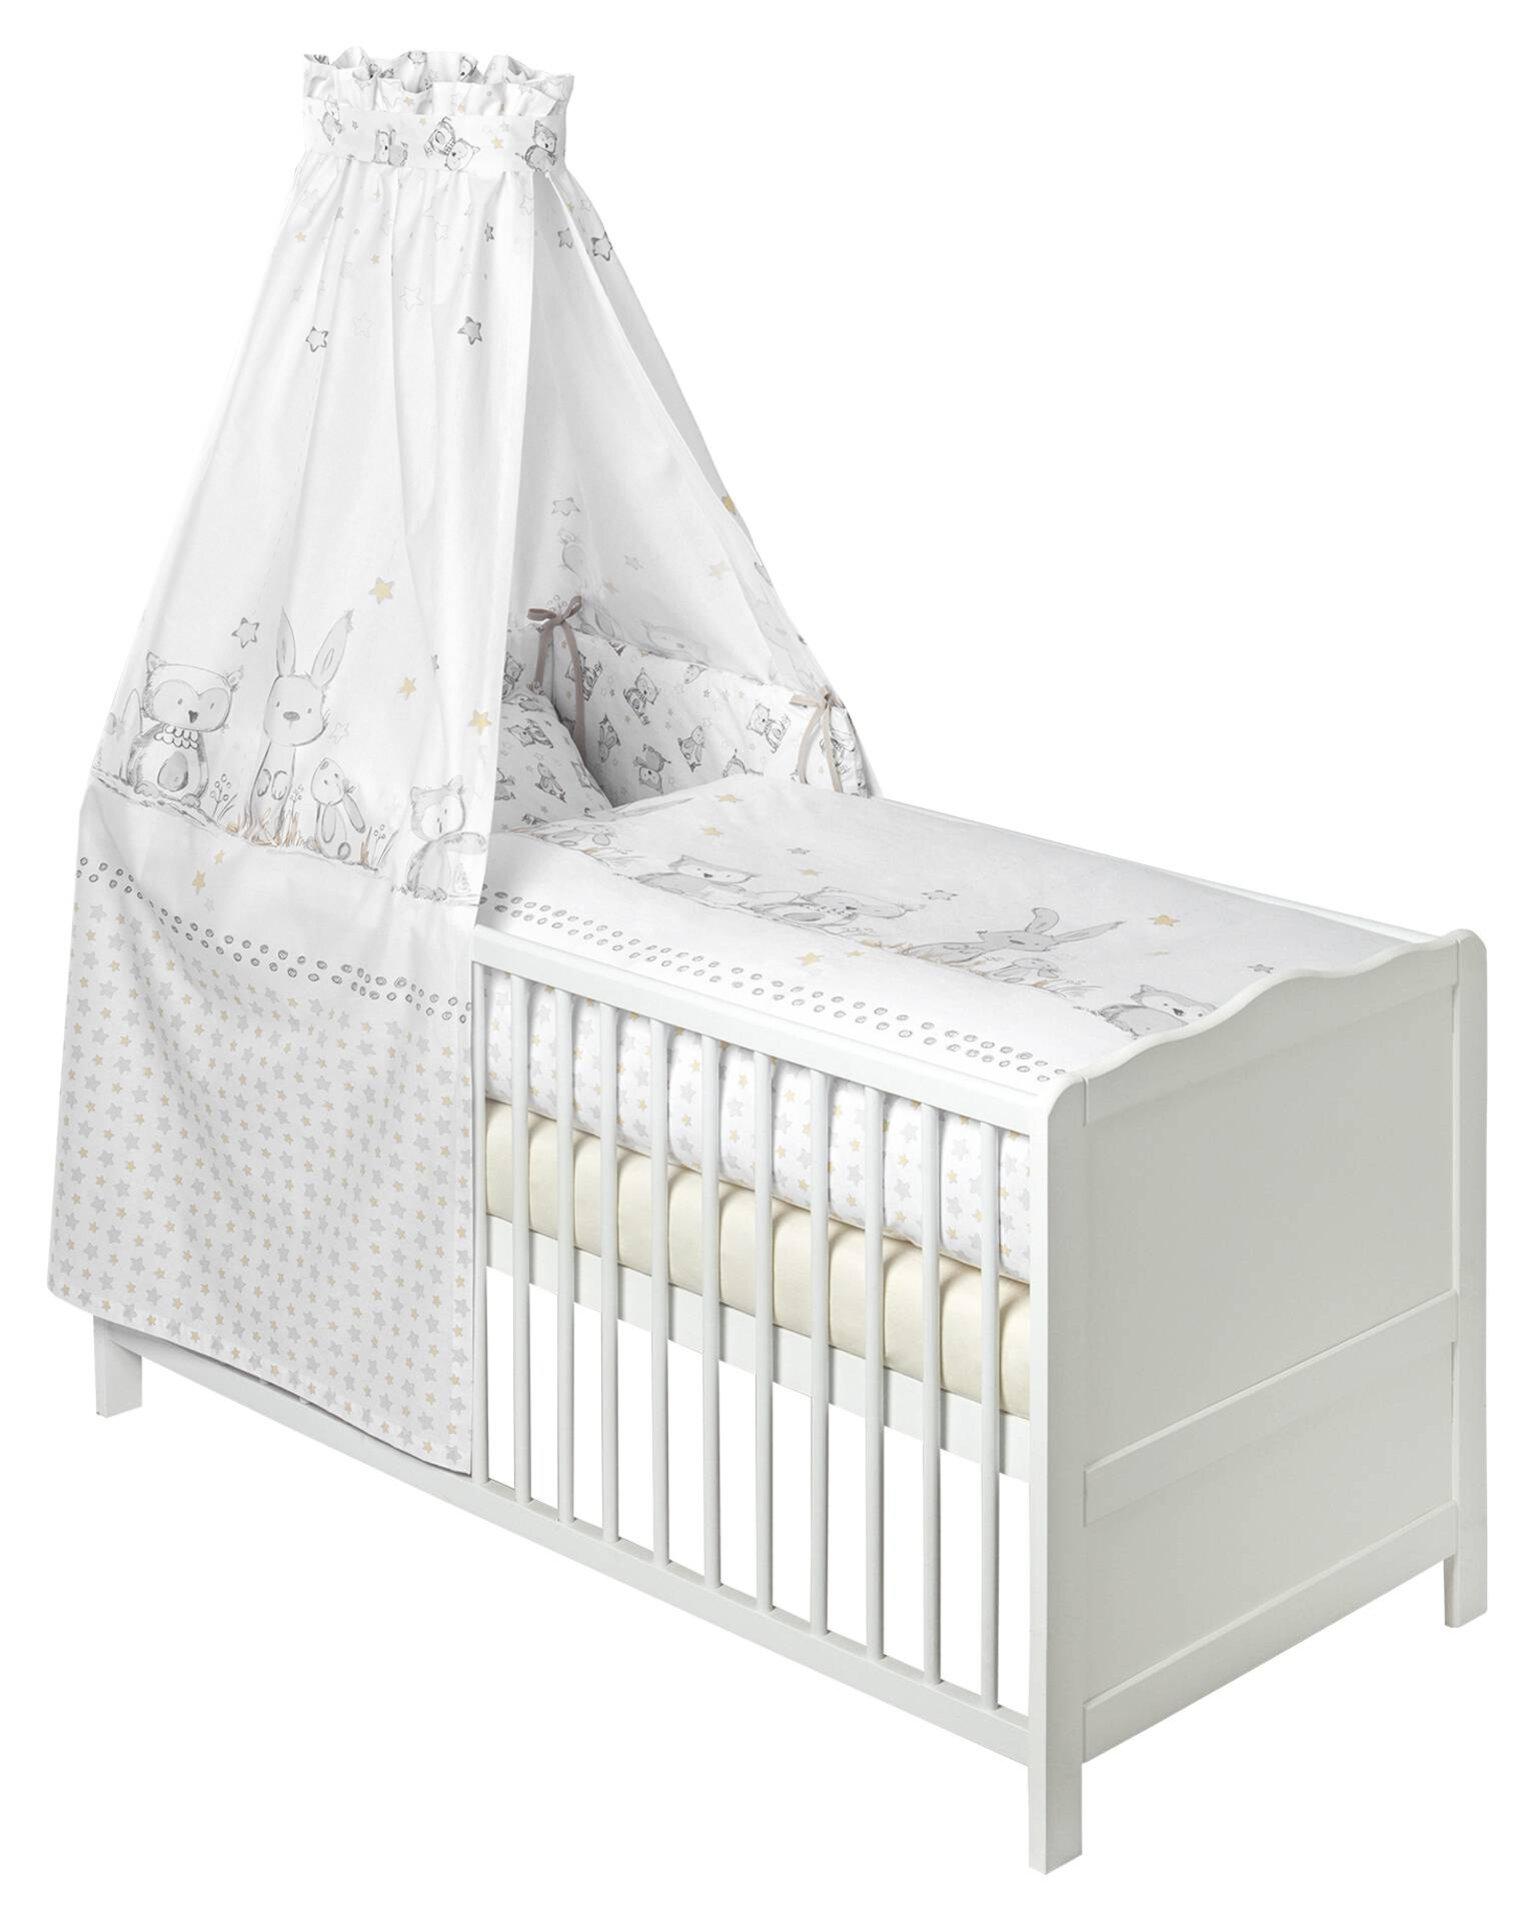 Babybettwäsche Häschen und Eule Zöllner Julius Textil 100 x 135 cm